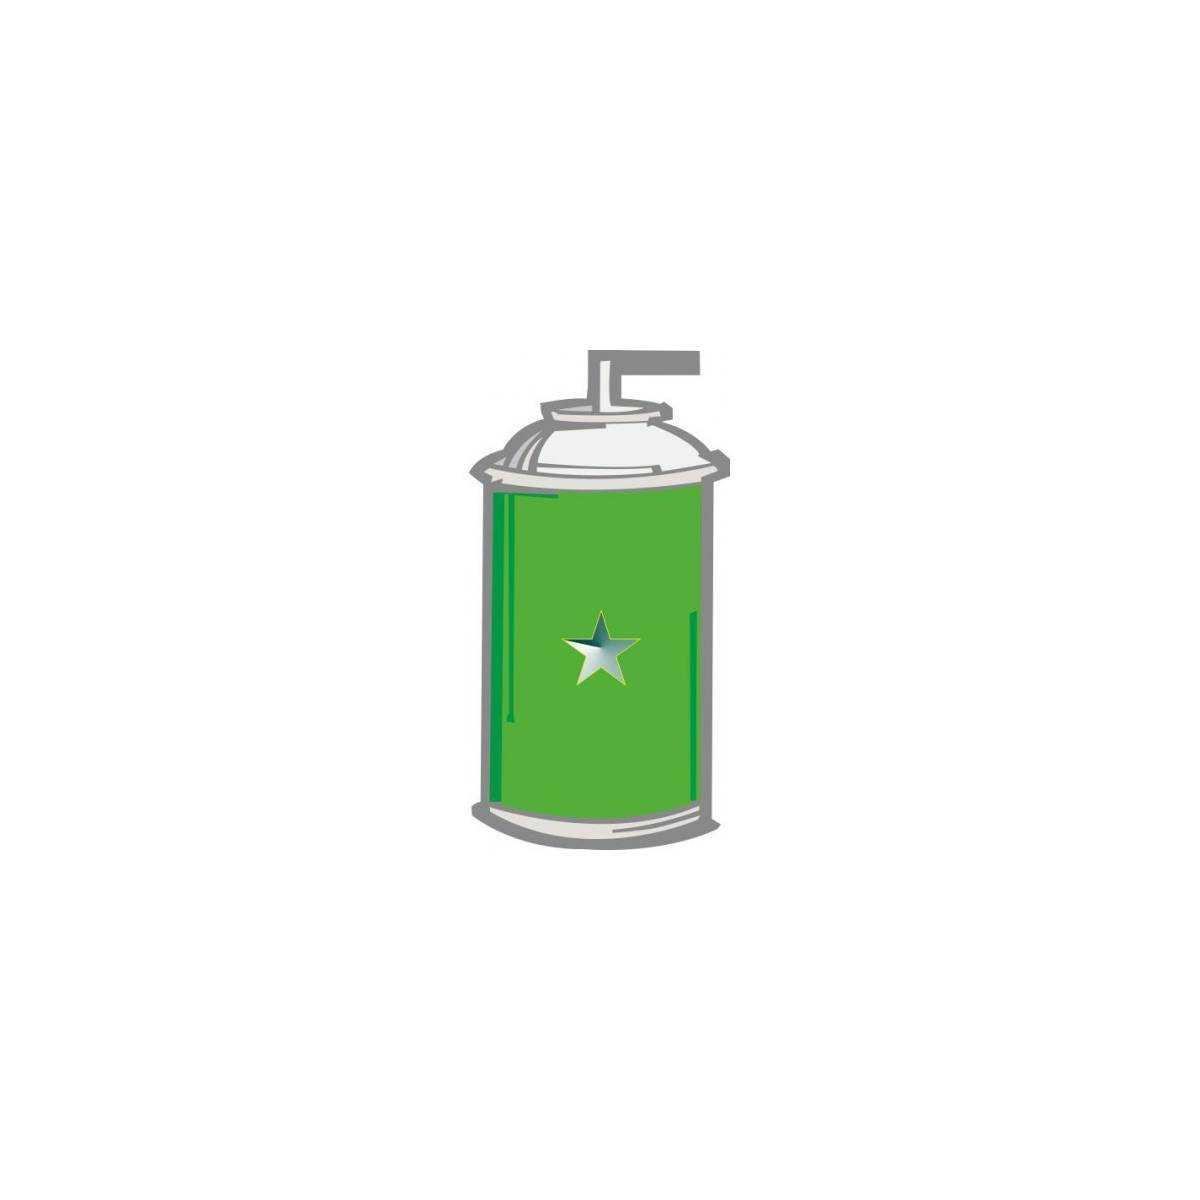 Аэрозольный баллончик 250мл, Греция (LEMONGRASS) 12-04-0028 Атма